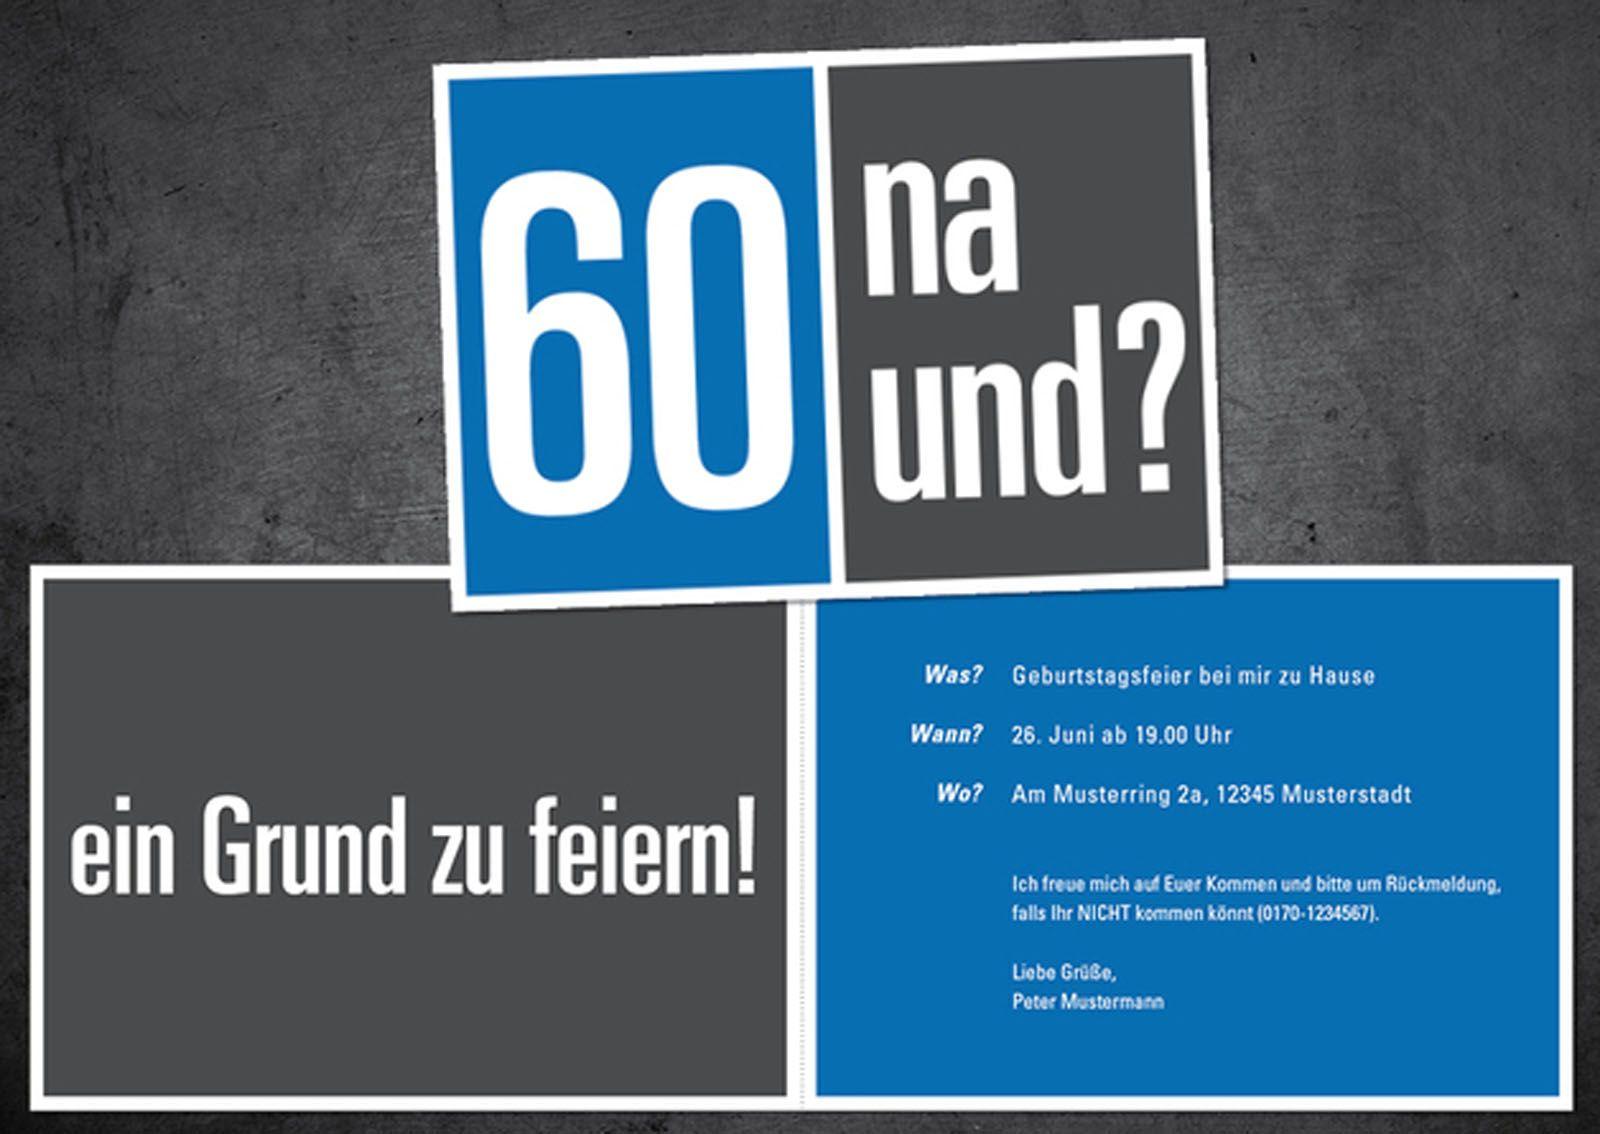 Einladungen Geburtstag: Einladungen Zum 60 Geburtstag Kostenlos Ausdrucken